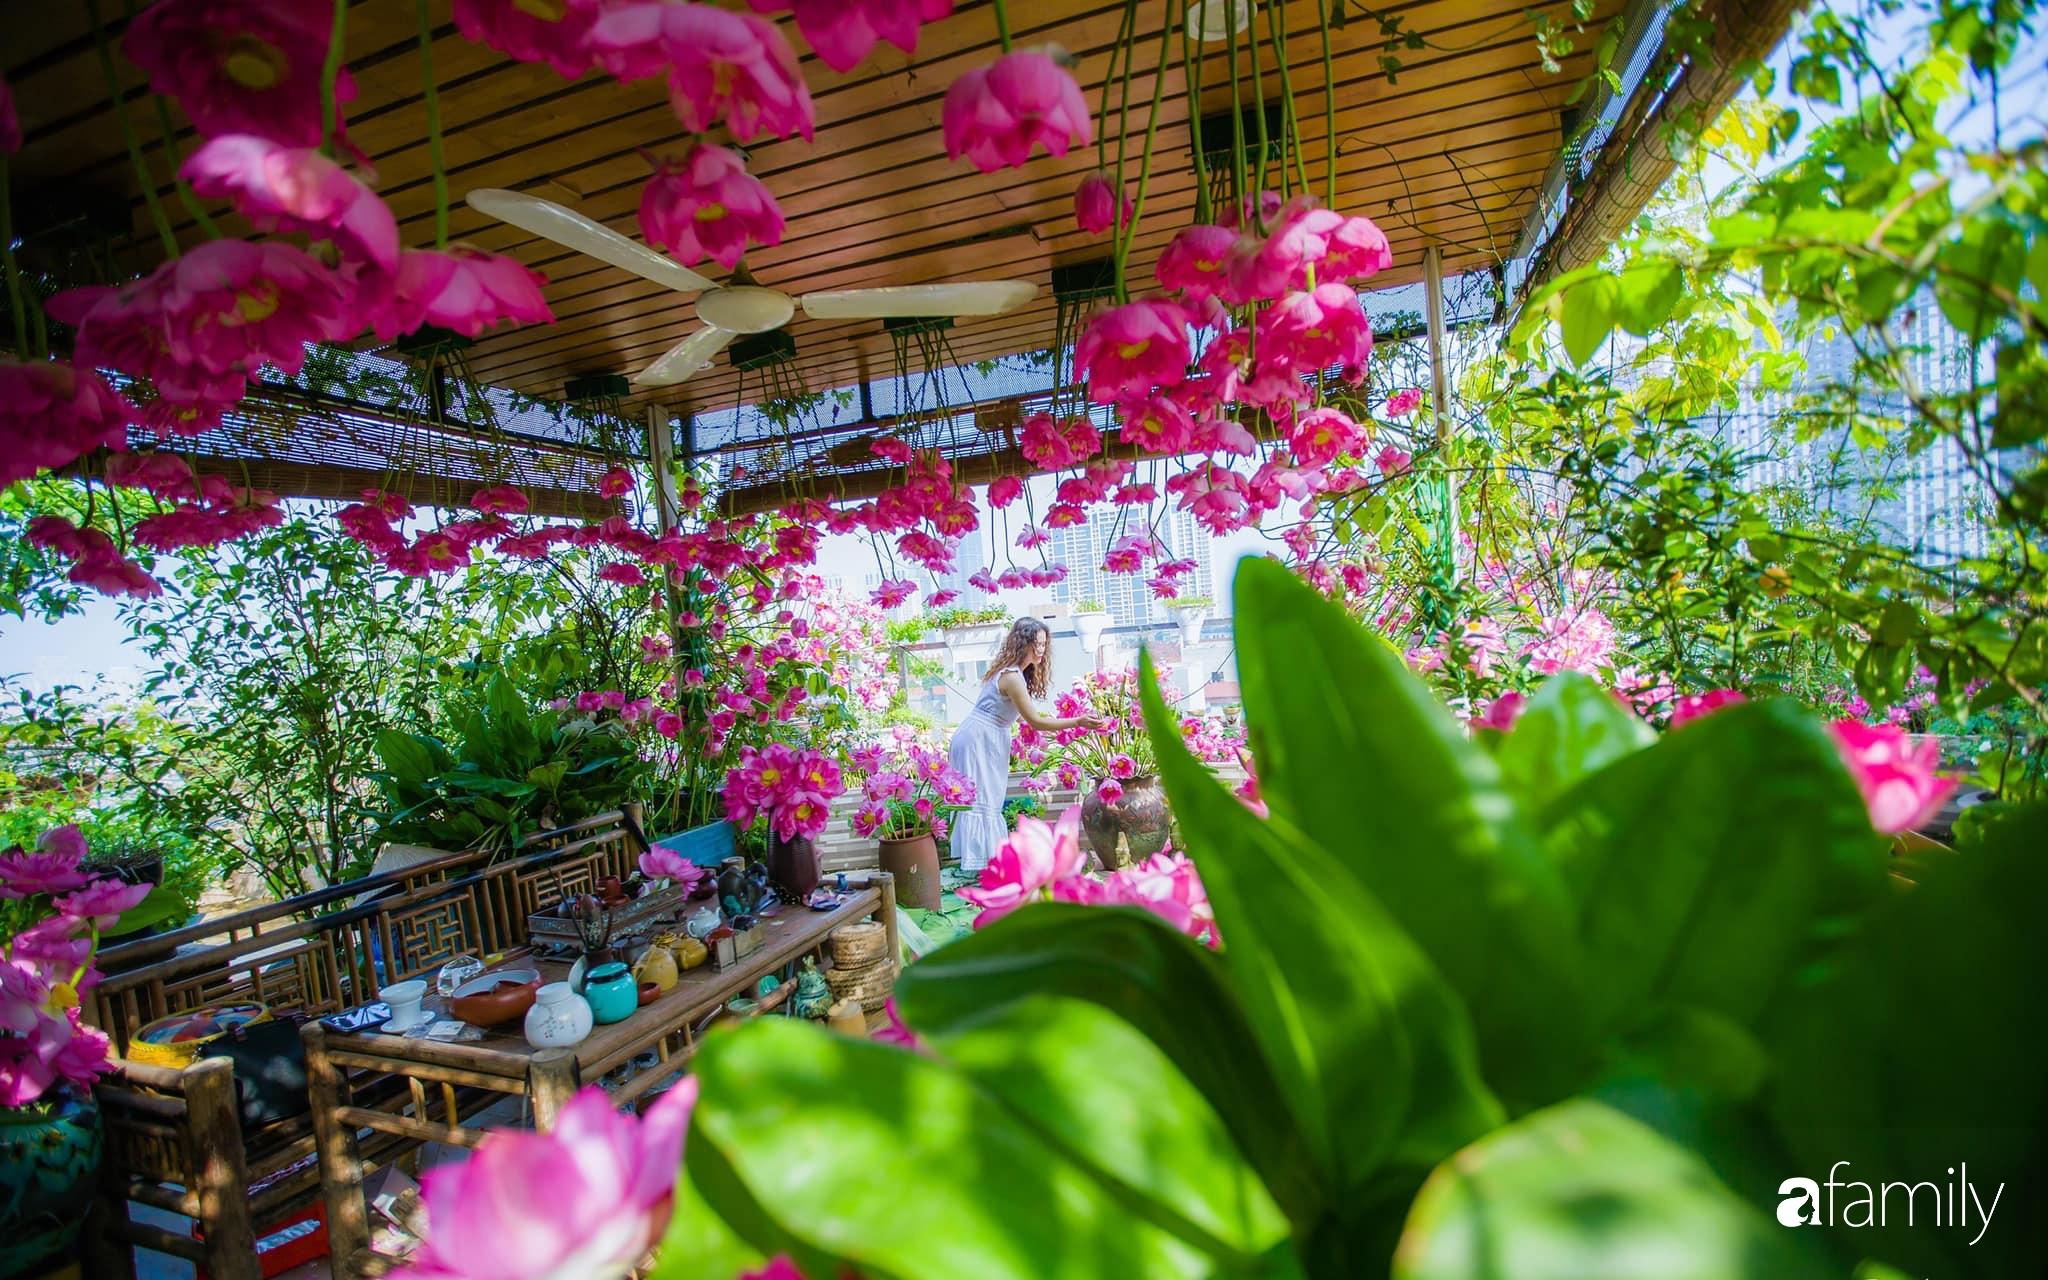 Bà mẹ Hà Nội tỉ mẩn dành 4 tiếng để tự cắm 1000 bông sen mang sắc màu mùa hạ lên sân thượng 200m² - Ảnh 1.